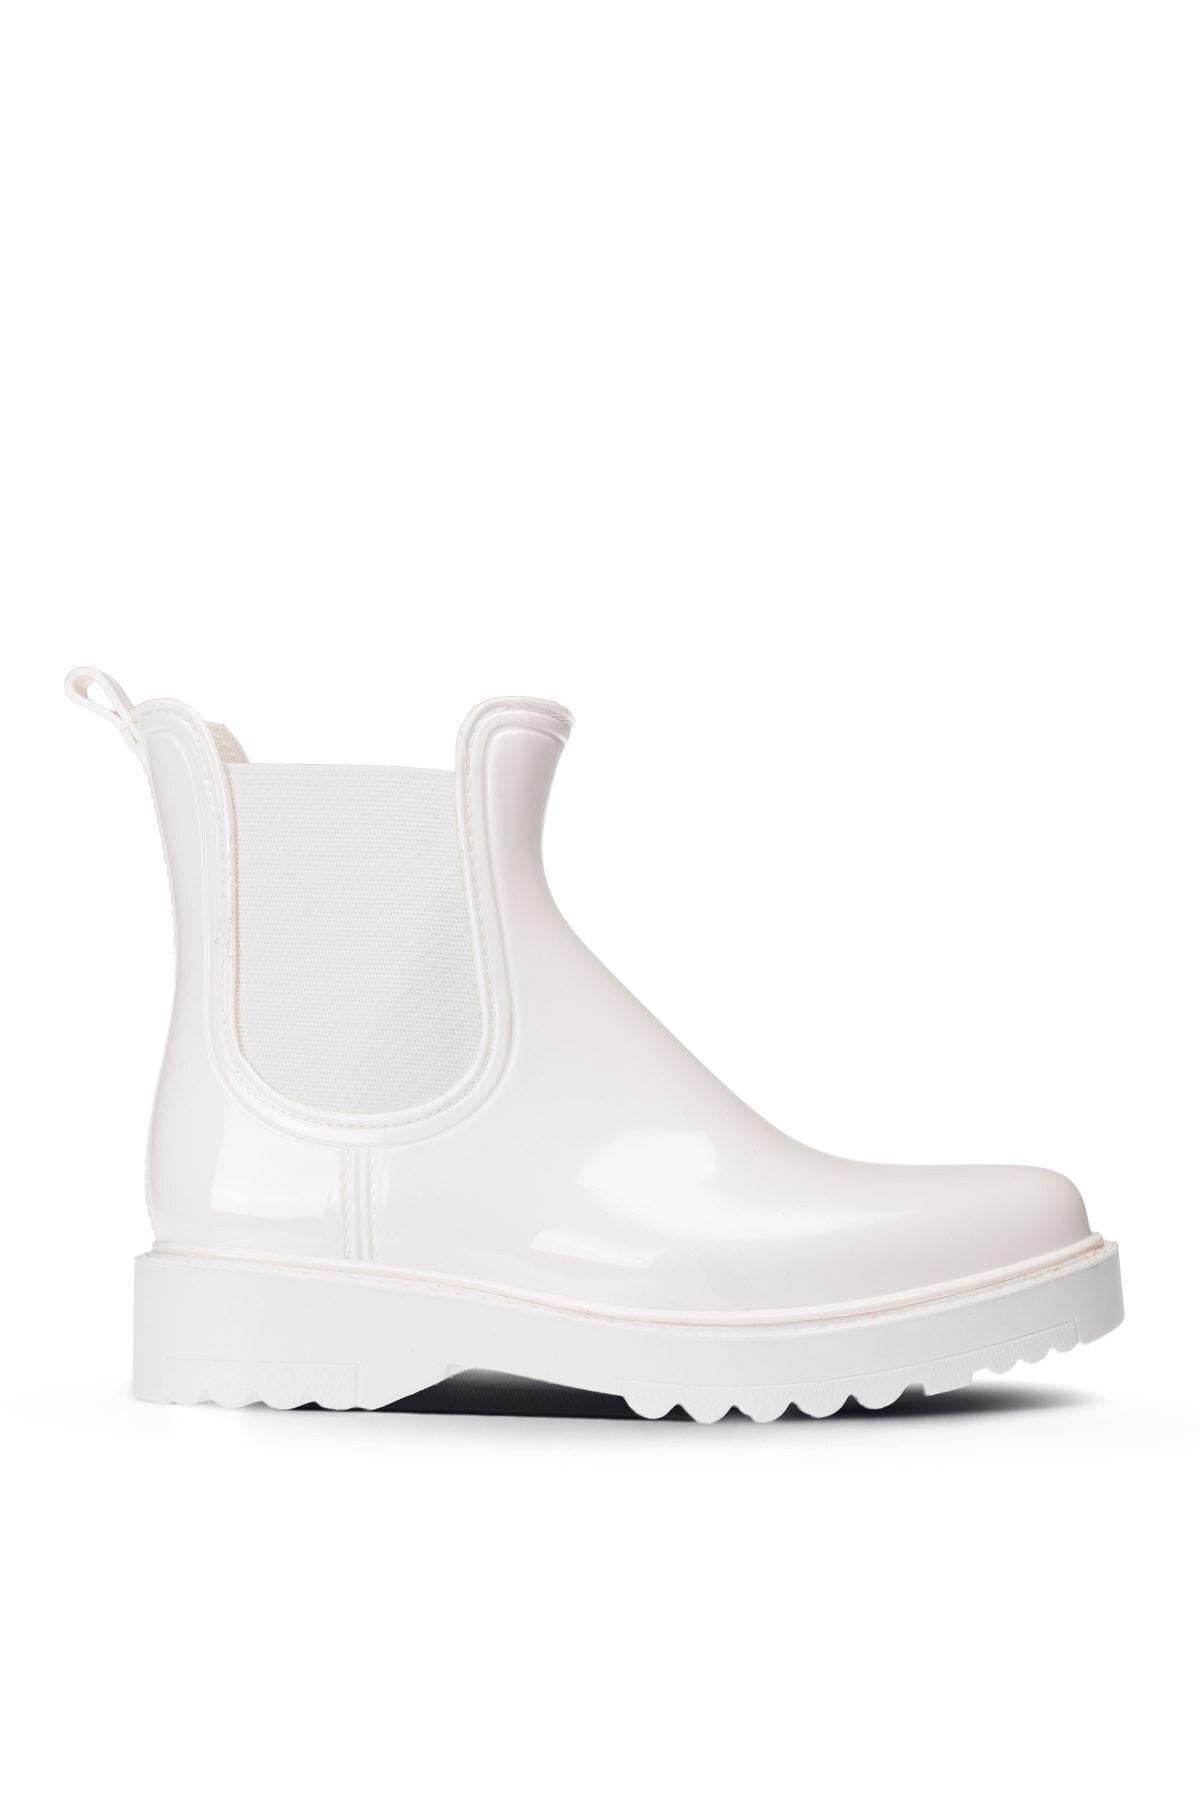 Deery Beyaz Kadın Yağmur Botu 1